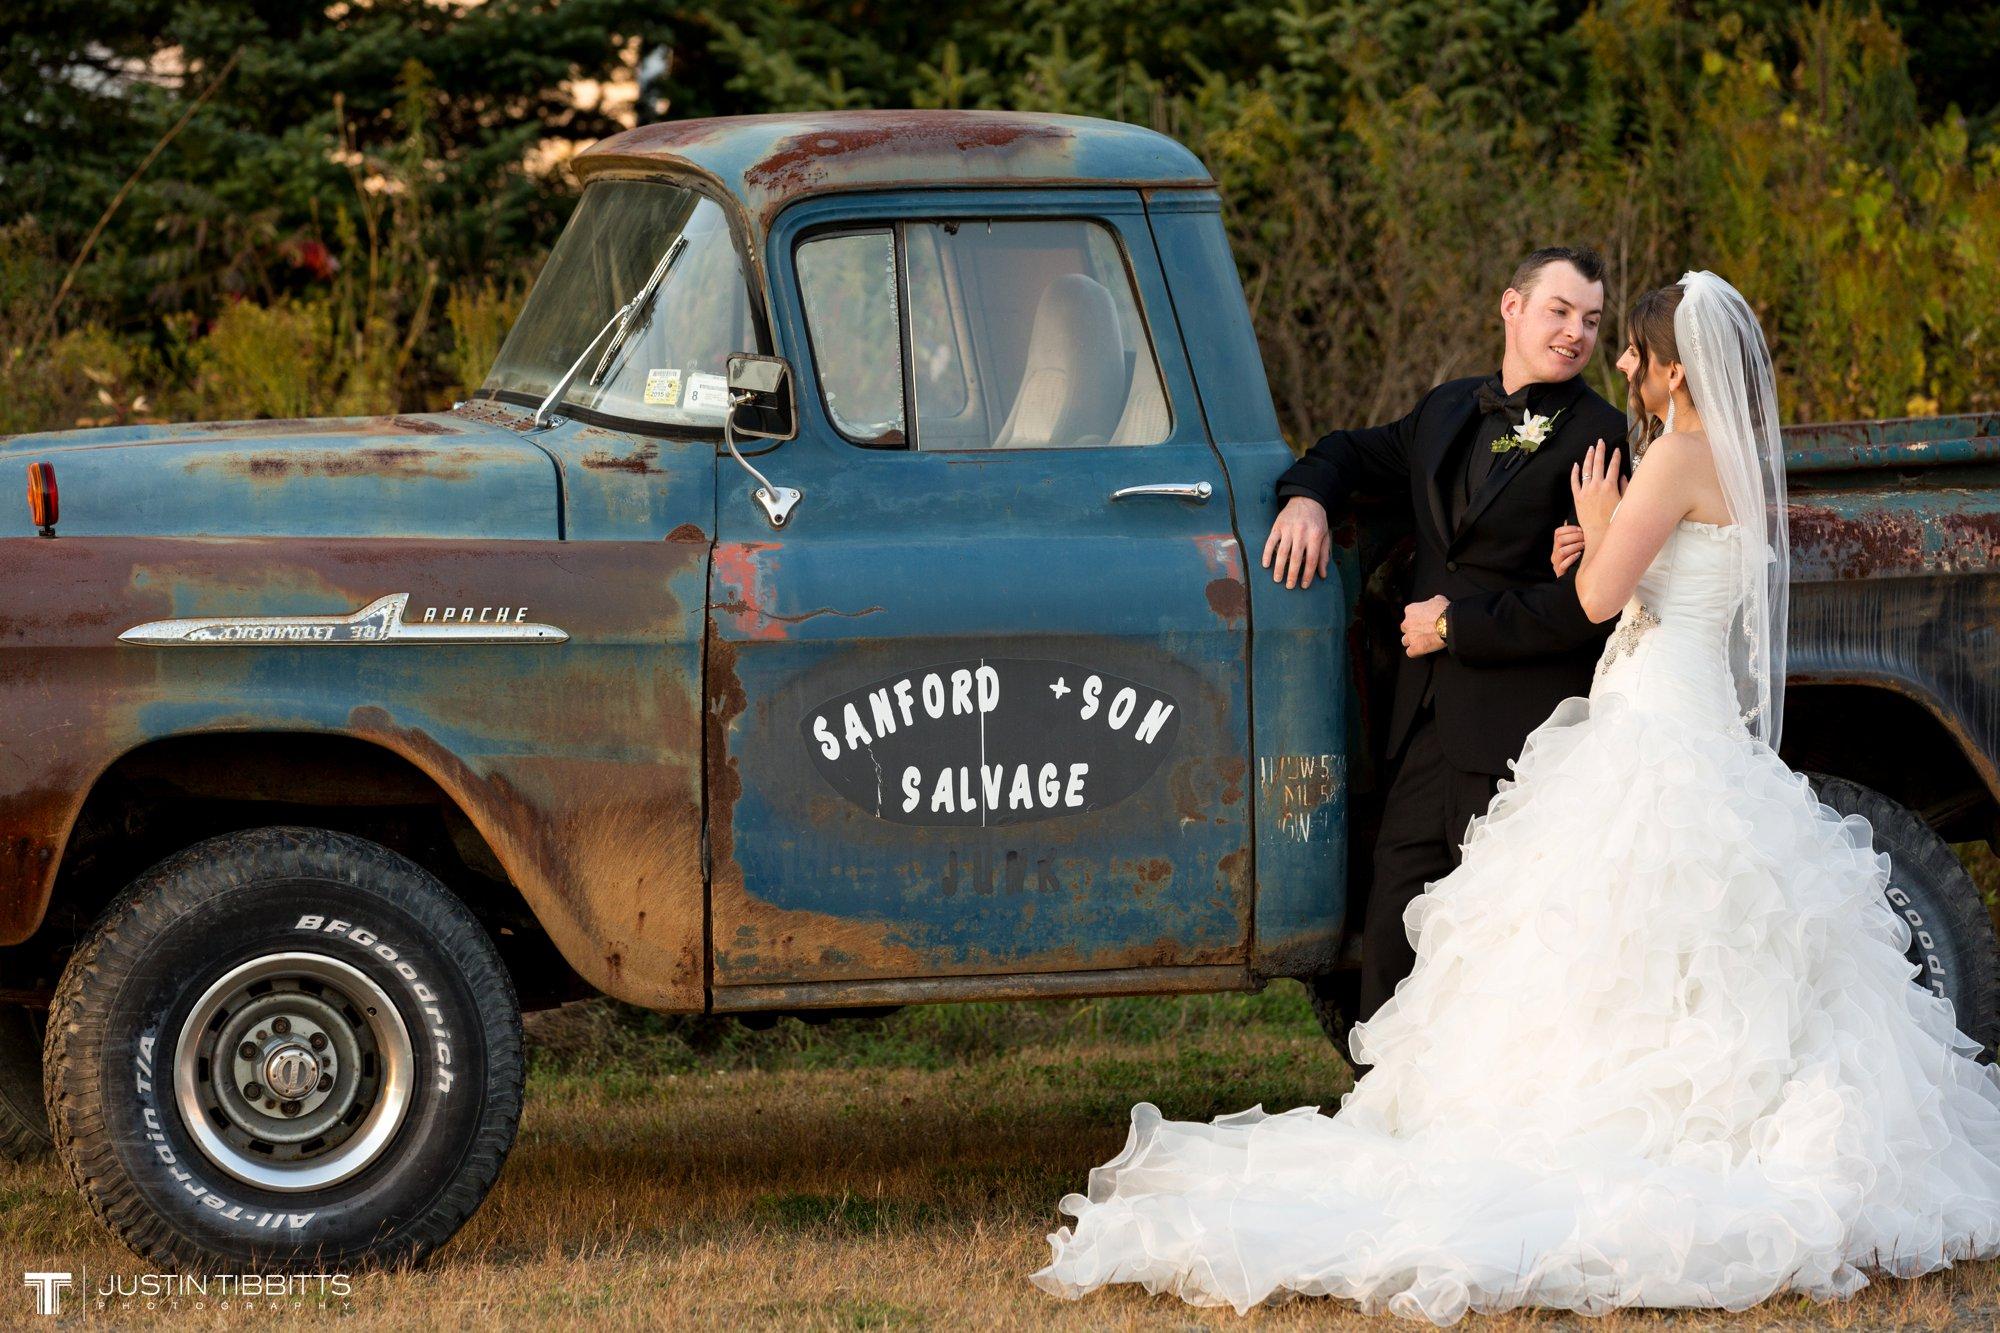 Albany NY Wedding Photographer Justin Tibbitts Photography 2014 Best of Albany NY Weddings-1961840